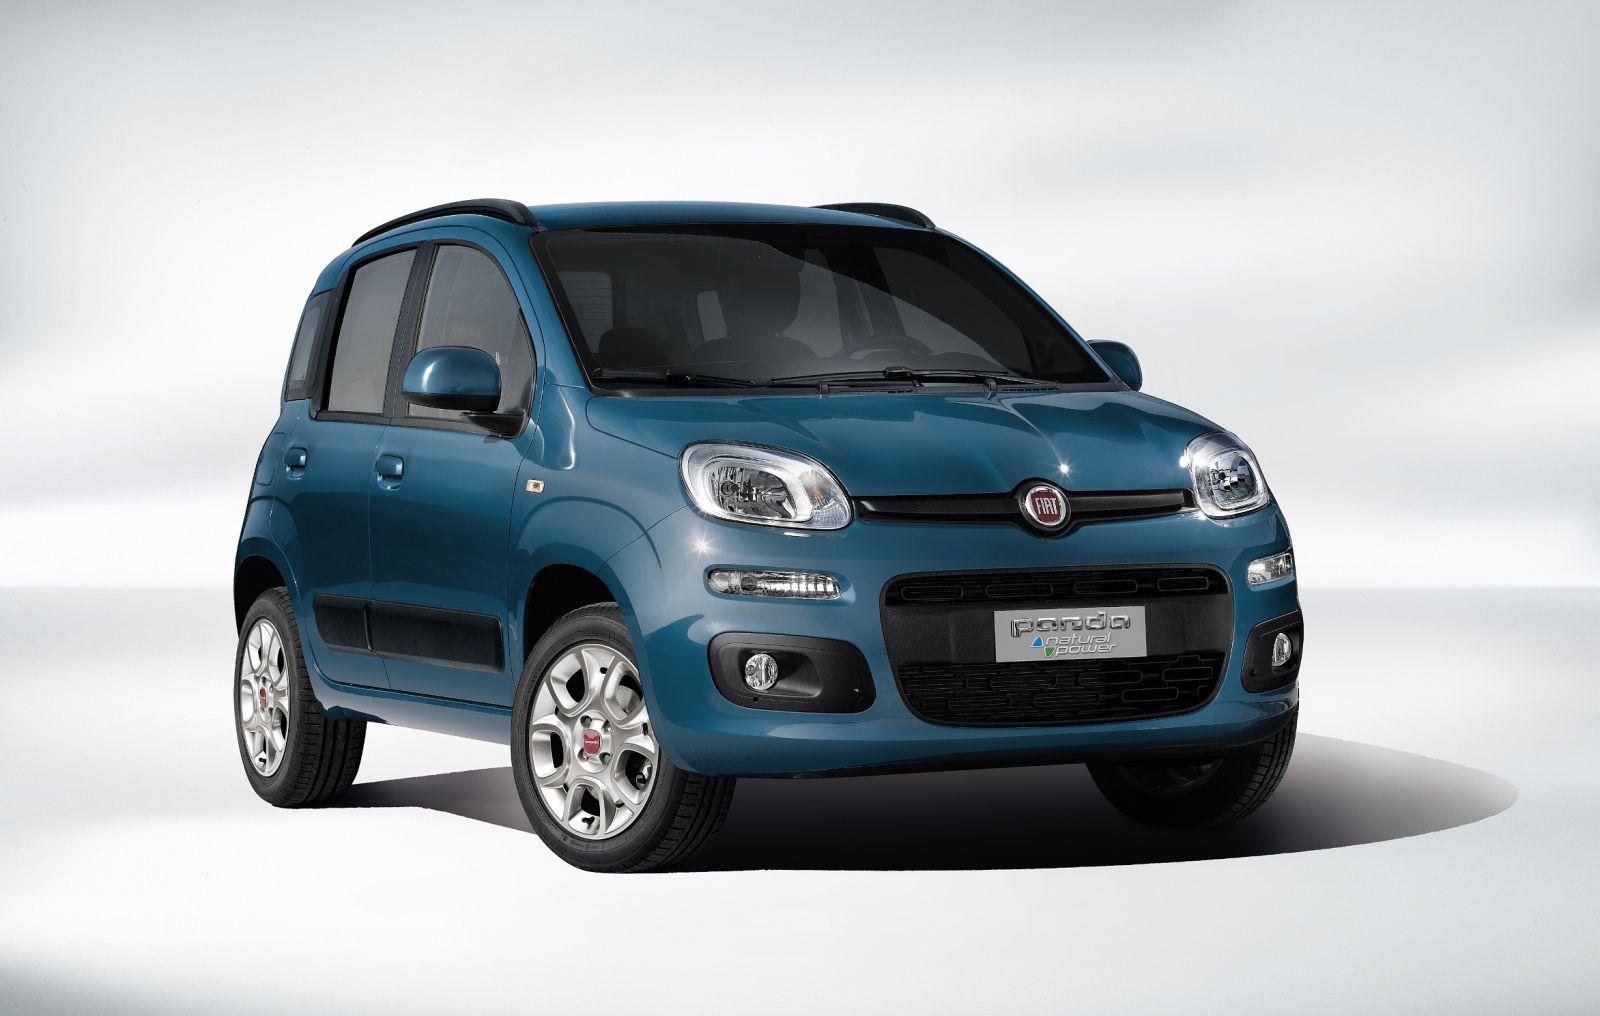 H Fiat παρουσιάζει το CNG με τη γλώσσα των αριθμών